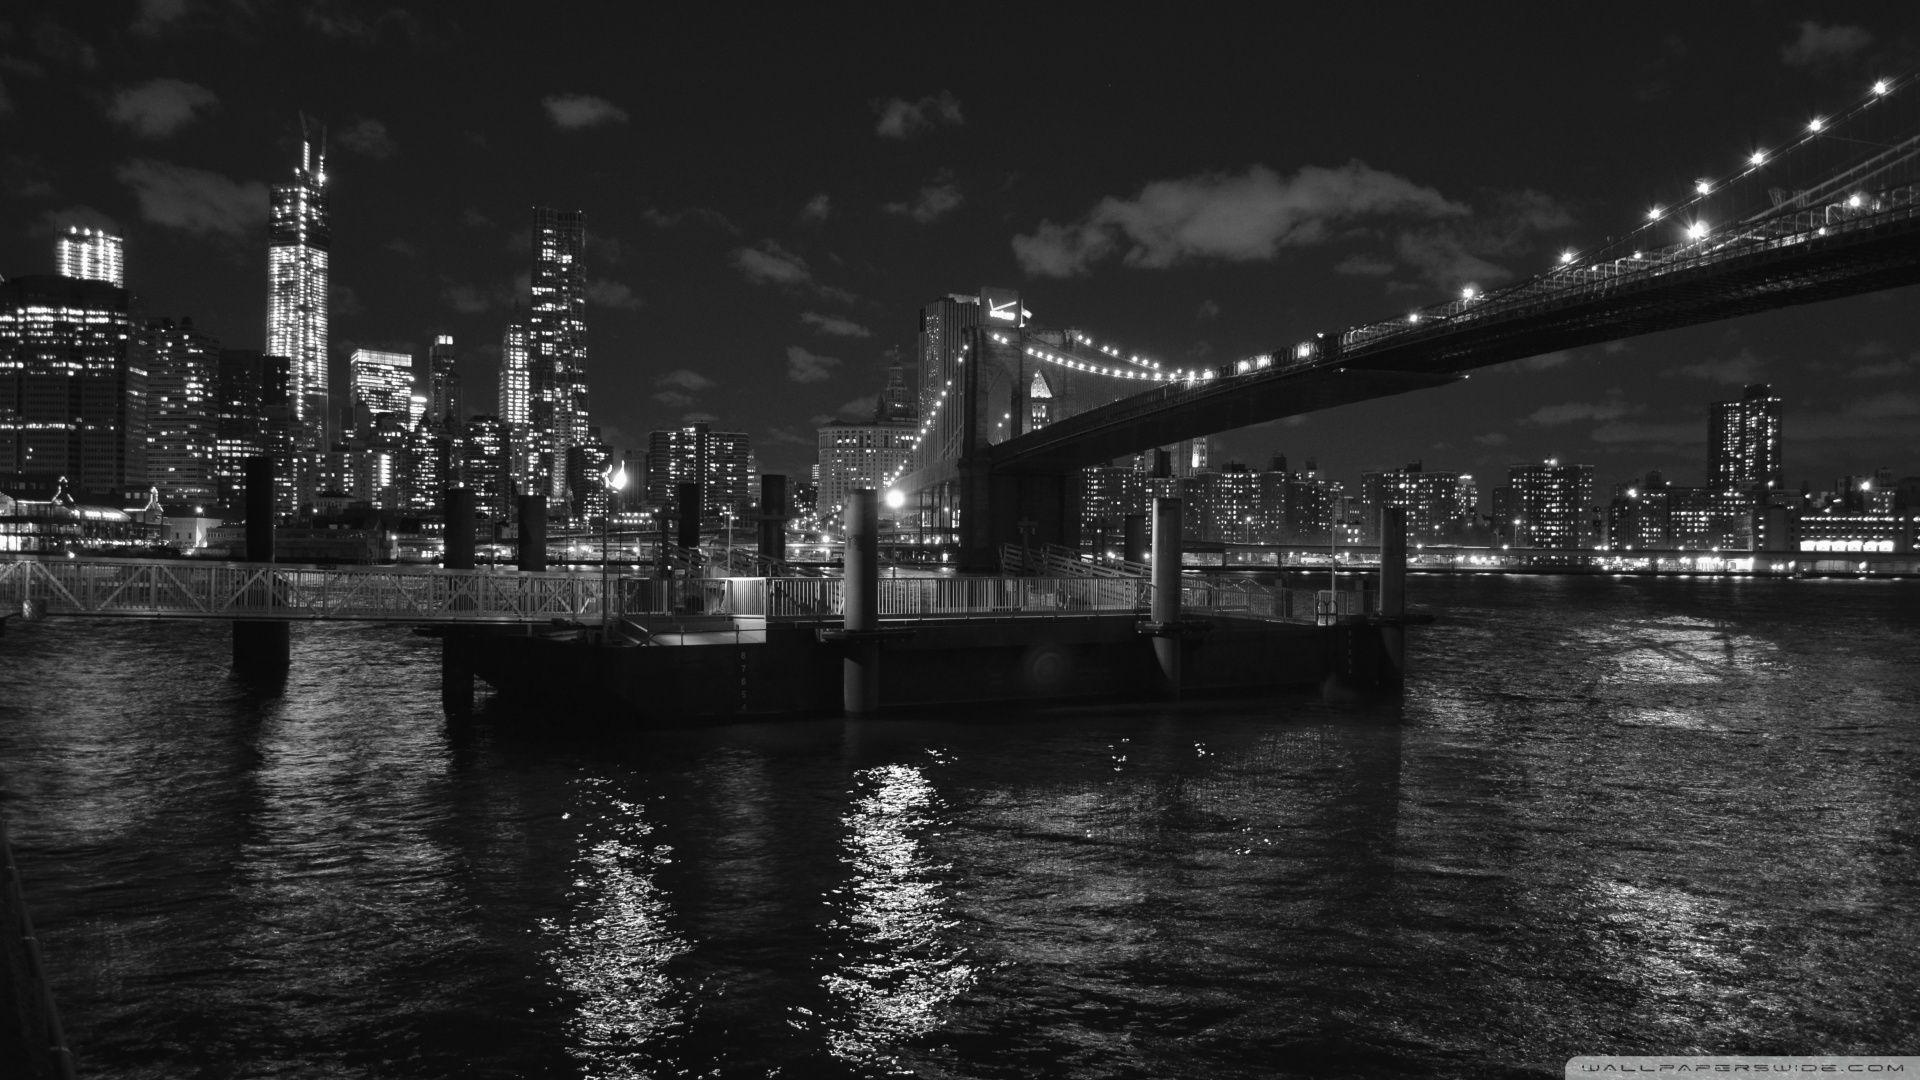 Must see Wallpaper Night Brooklyn Bridge - 474a0929fd01217c5c476531ab976547  Trends.jpg